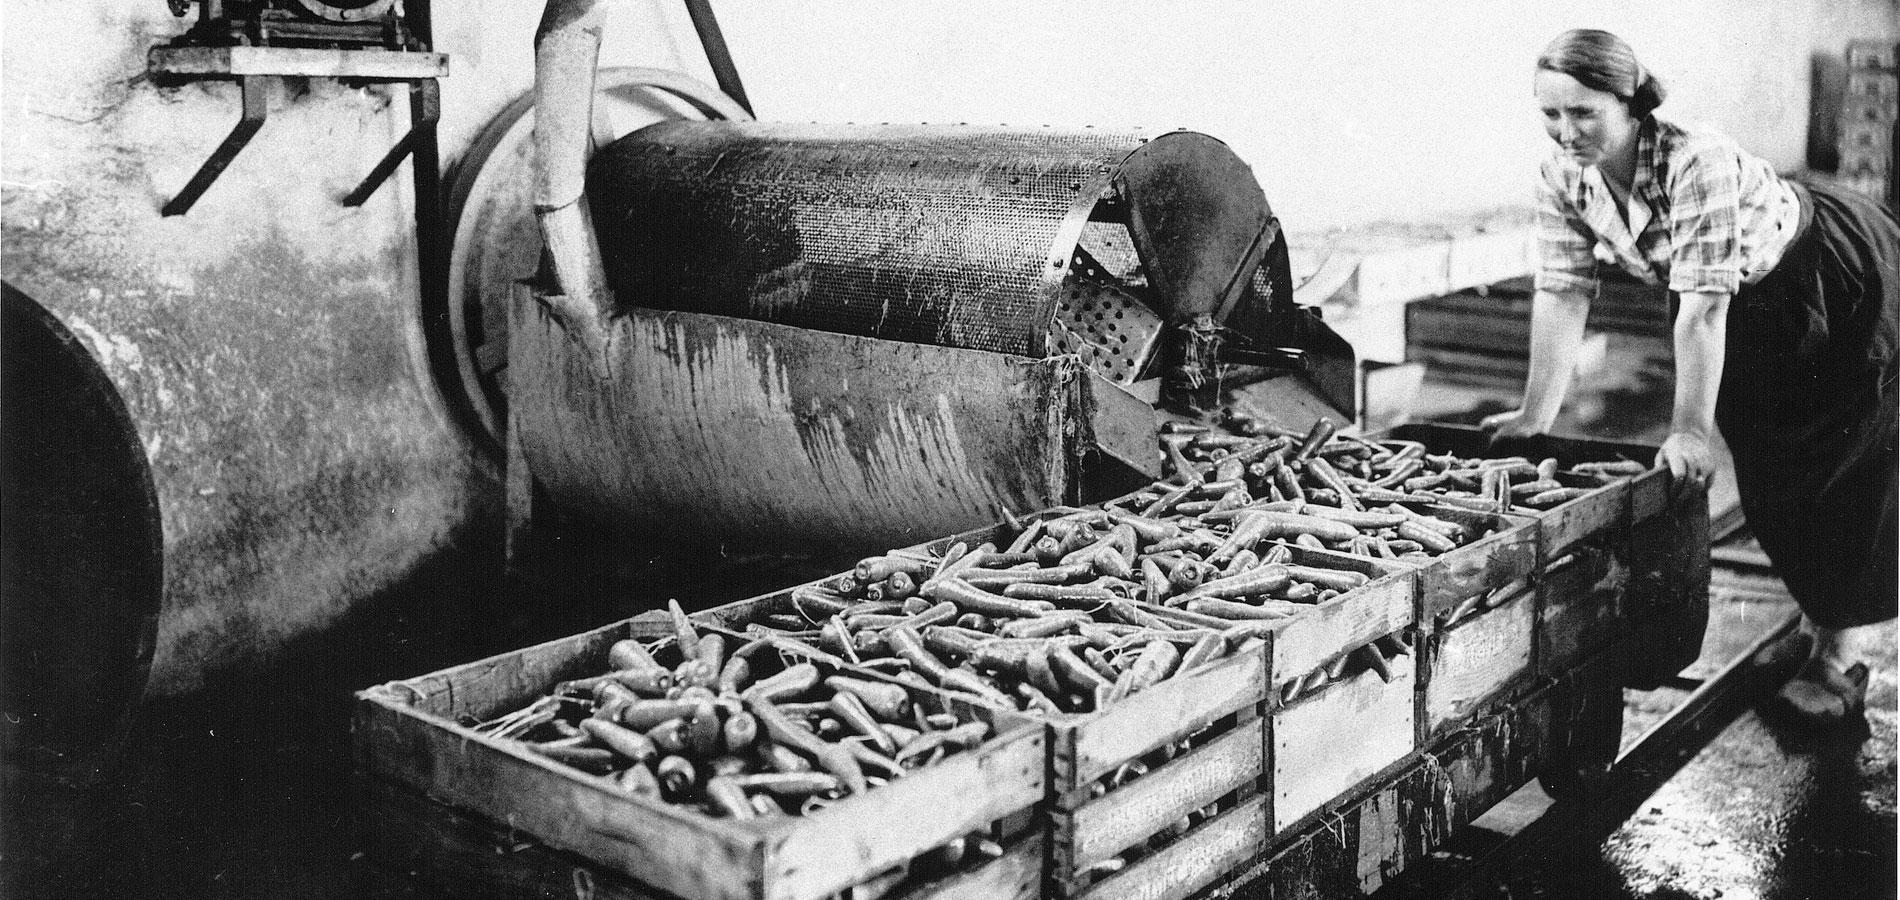 Lavage carotte 1937